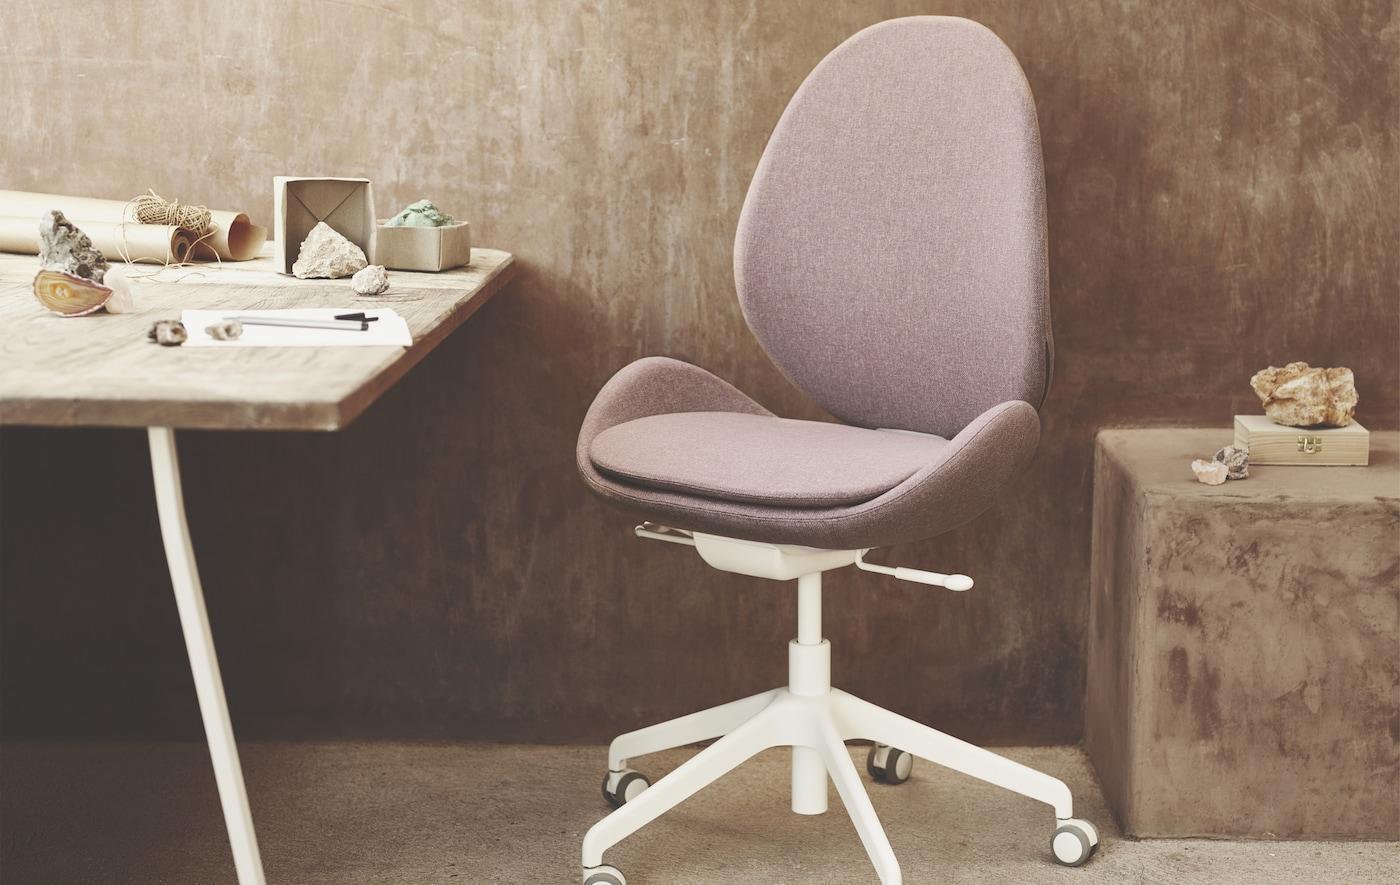 HATTEFJÄLL Drehstühle in Rosa und Weiß an einem Arbeitsplatz